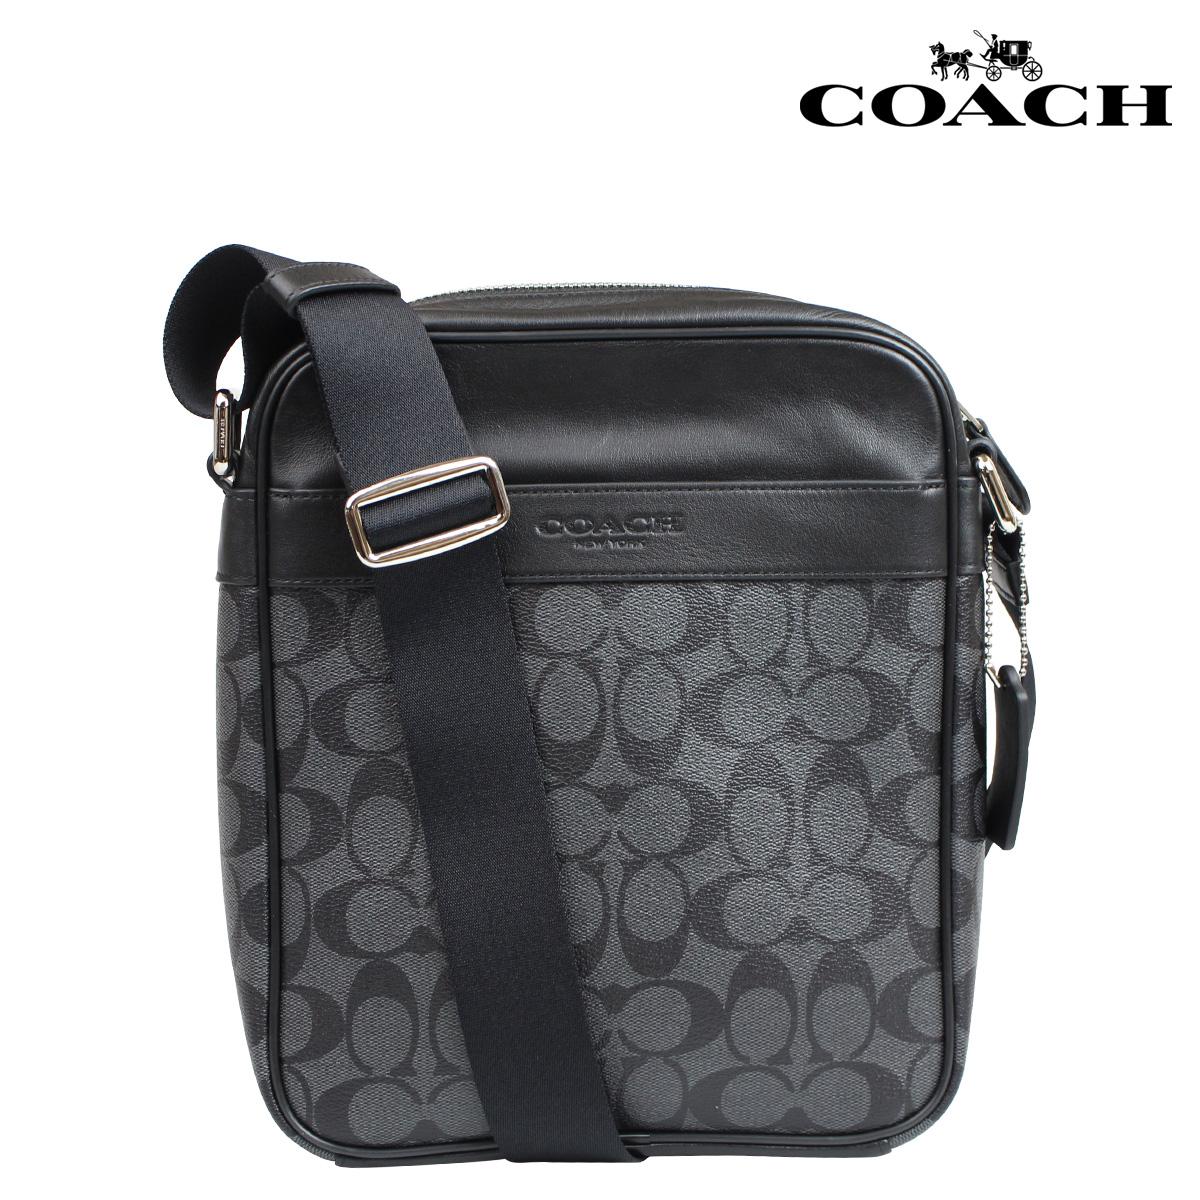 5ca25e7e5249 ALLSPORTS  Coach COACH bag shoulder bags mens F71764 charcoal ...